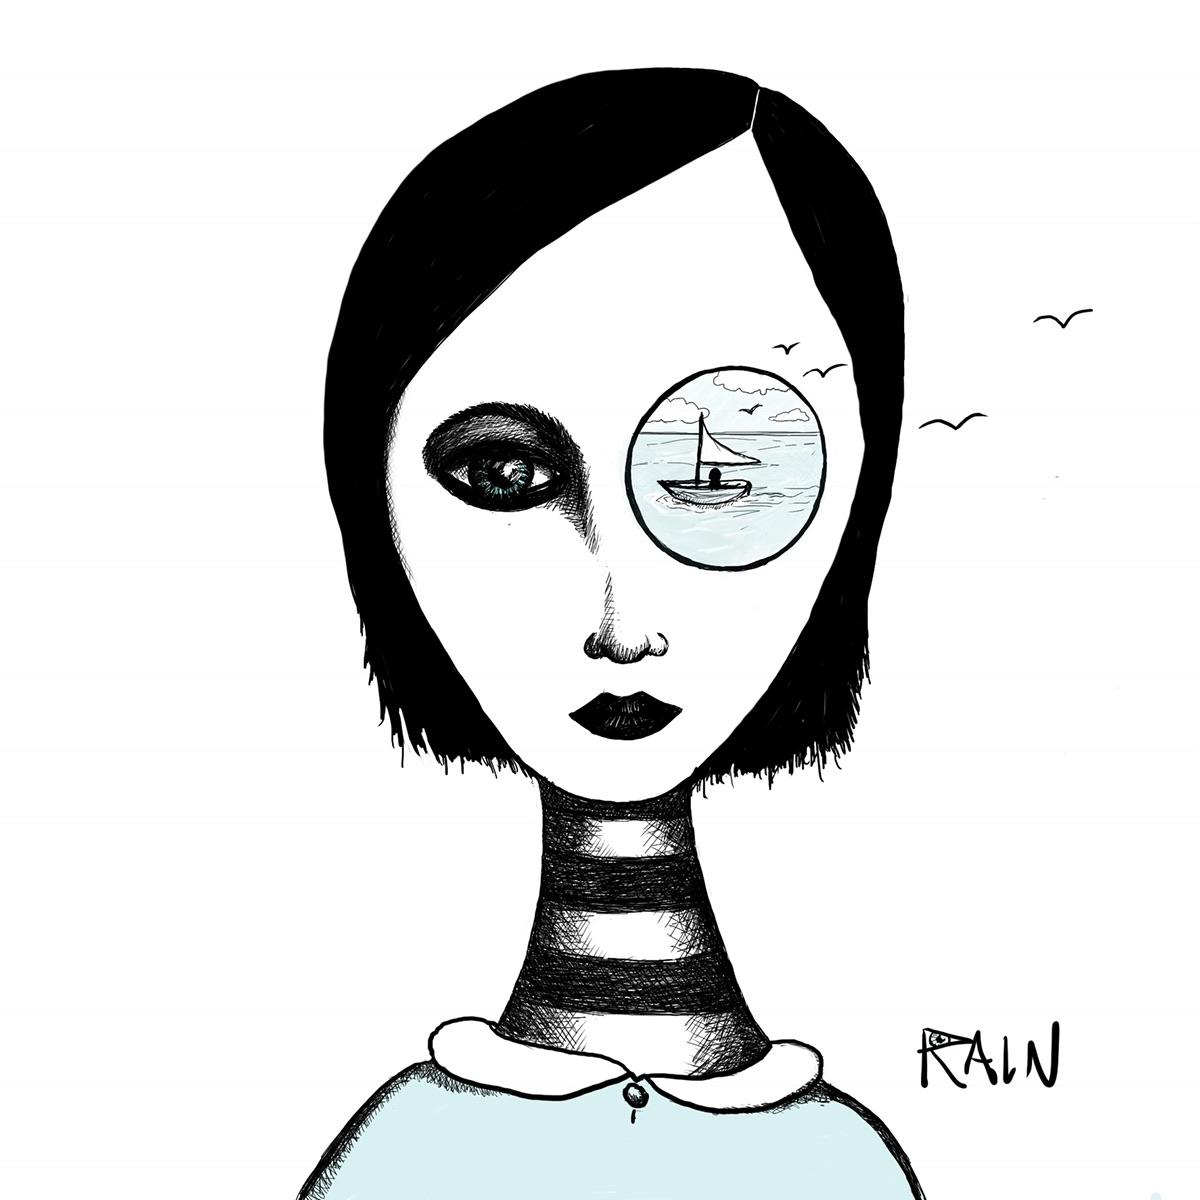 Drawing  sketch penandink pen colorWASH popsurrealism art adobe sketch surreal art ILLUSTRATION